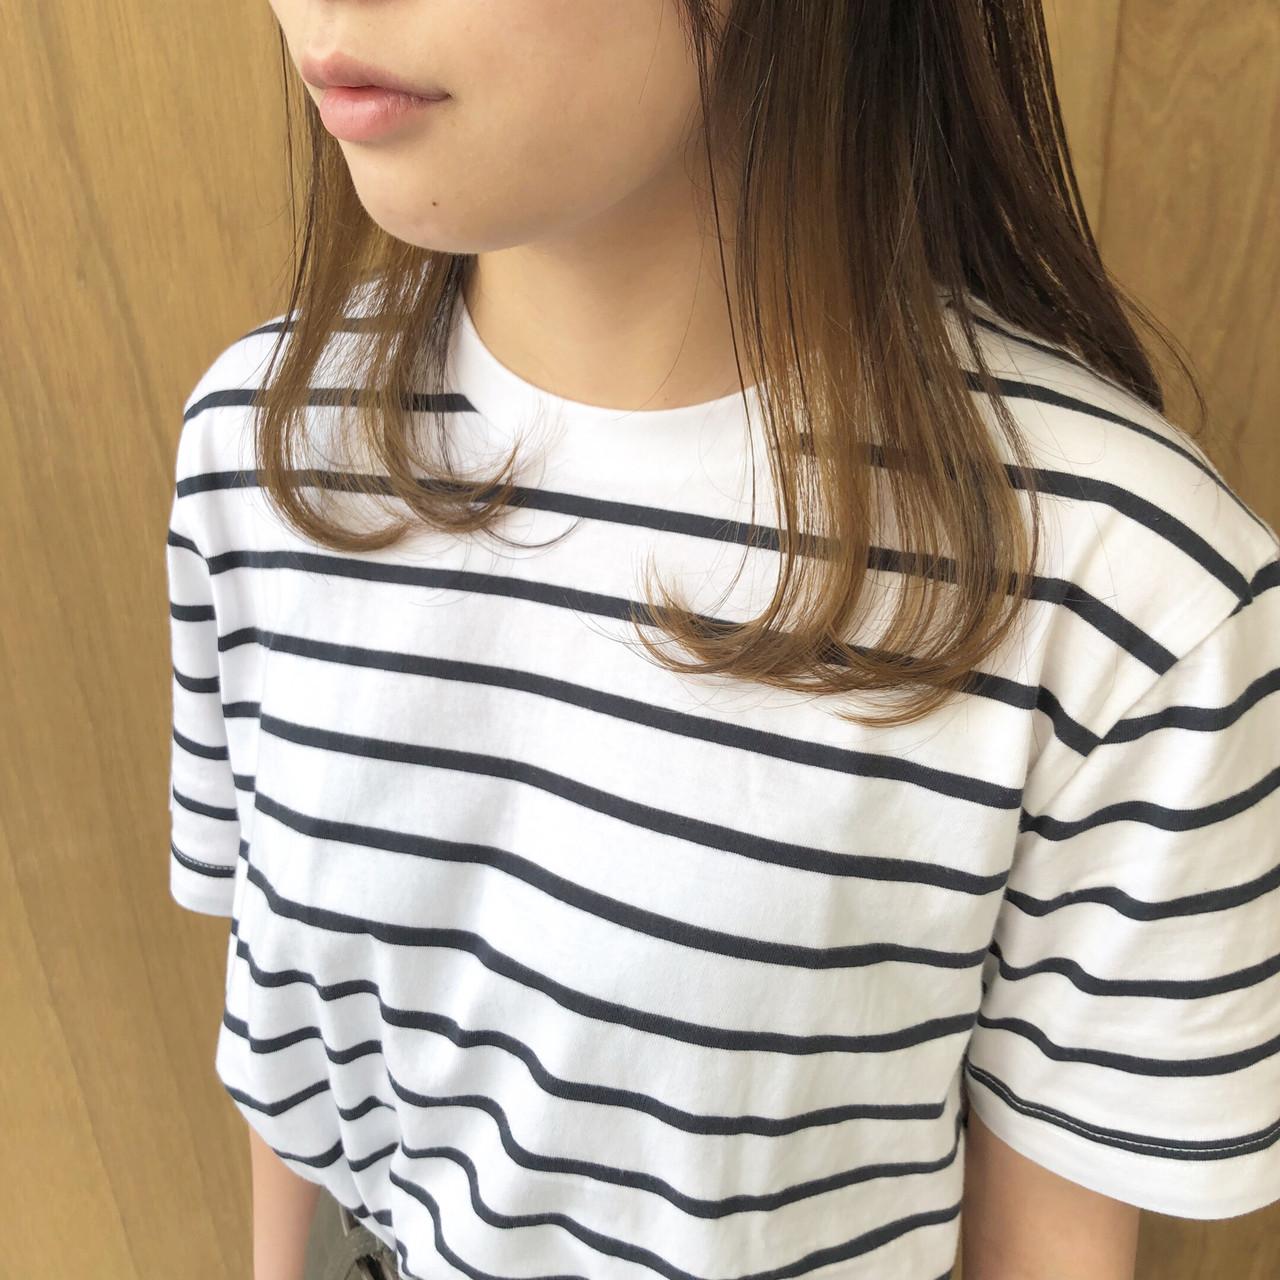 ショートヘア ショートボブ 外ハネボブ 切りっぱなしボブ ヘアスタイルや髪型の写真・画像 | 松井勇樹 / TWiGGY  歩行町店